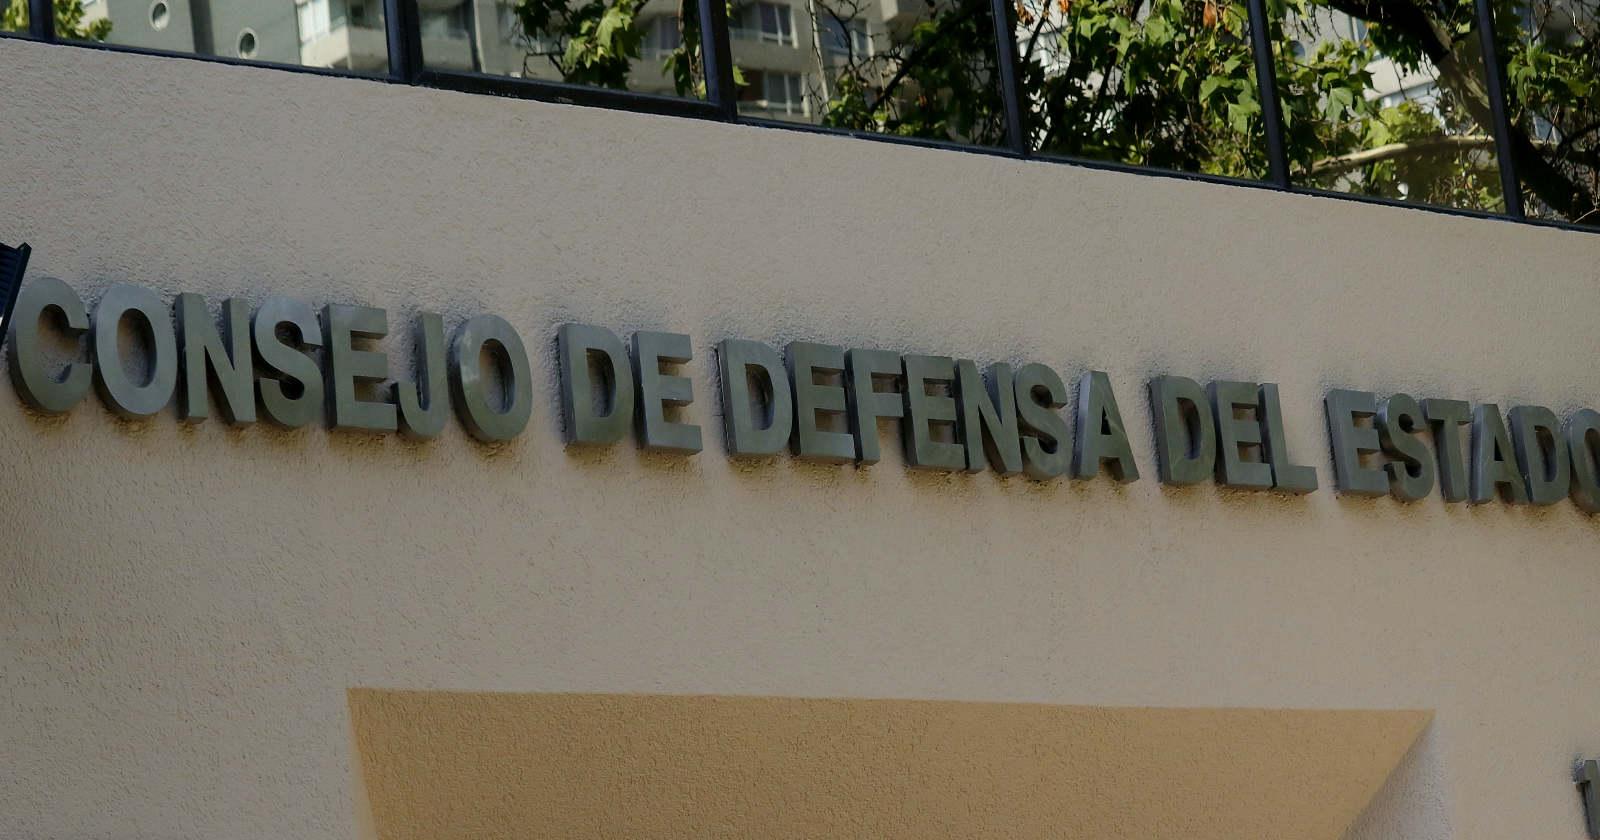 El CDE intervino en la pugna que tiene enfrentados a la Contraloría y Carabineros por los protocolos empleados por la institución durante el estallido social AGENCIA UNO/ARCHIVO